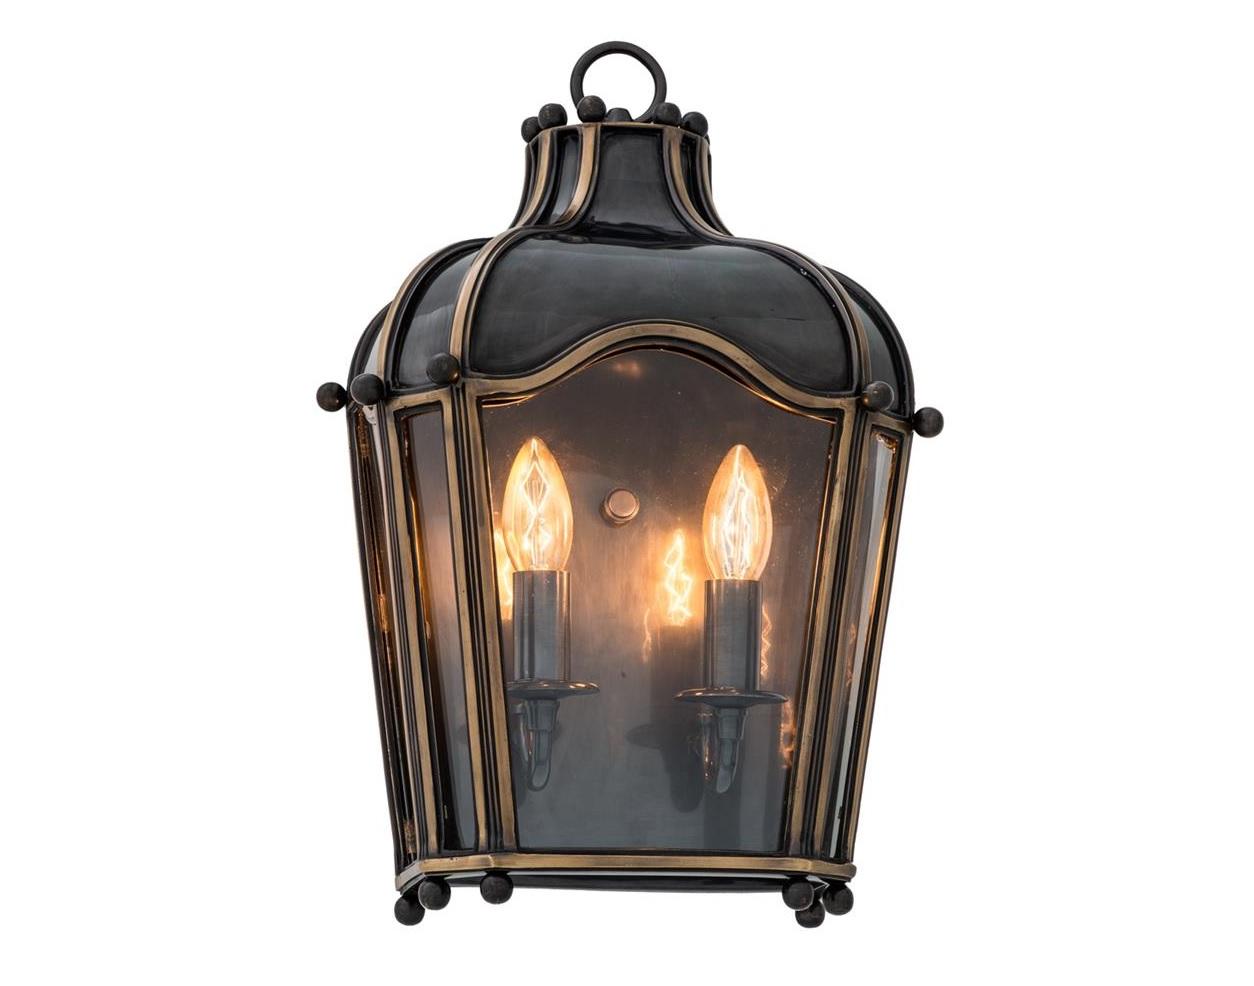 Настенный светильник Wall Lamp elysee FermeБра<br>&amp;lt;div&amp;gt;Вид цоколя: E27&amp;lt;br&amp;gt;&amp;lt;/div&amp;gt;&amp;lt;div&amp;gt;&amp;lt;div&amp;gt;Мощность: 40W&amp;lt;/div&amp;gt;&amp;lt;div&amp;gt;Количество ламп: 2 (нет в комплекте)&amp;lt;/div&amp;gt;&amp;lt;/div&amp;gt;<br><br>Material: Металл<br>Ширина см: 31<br>Высота см: 47<br>Глубина см: 15